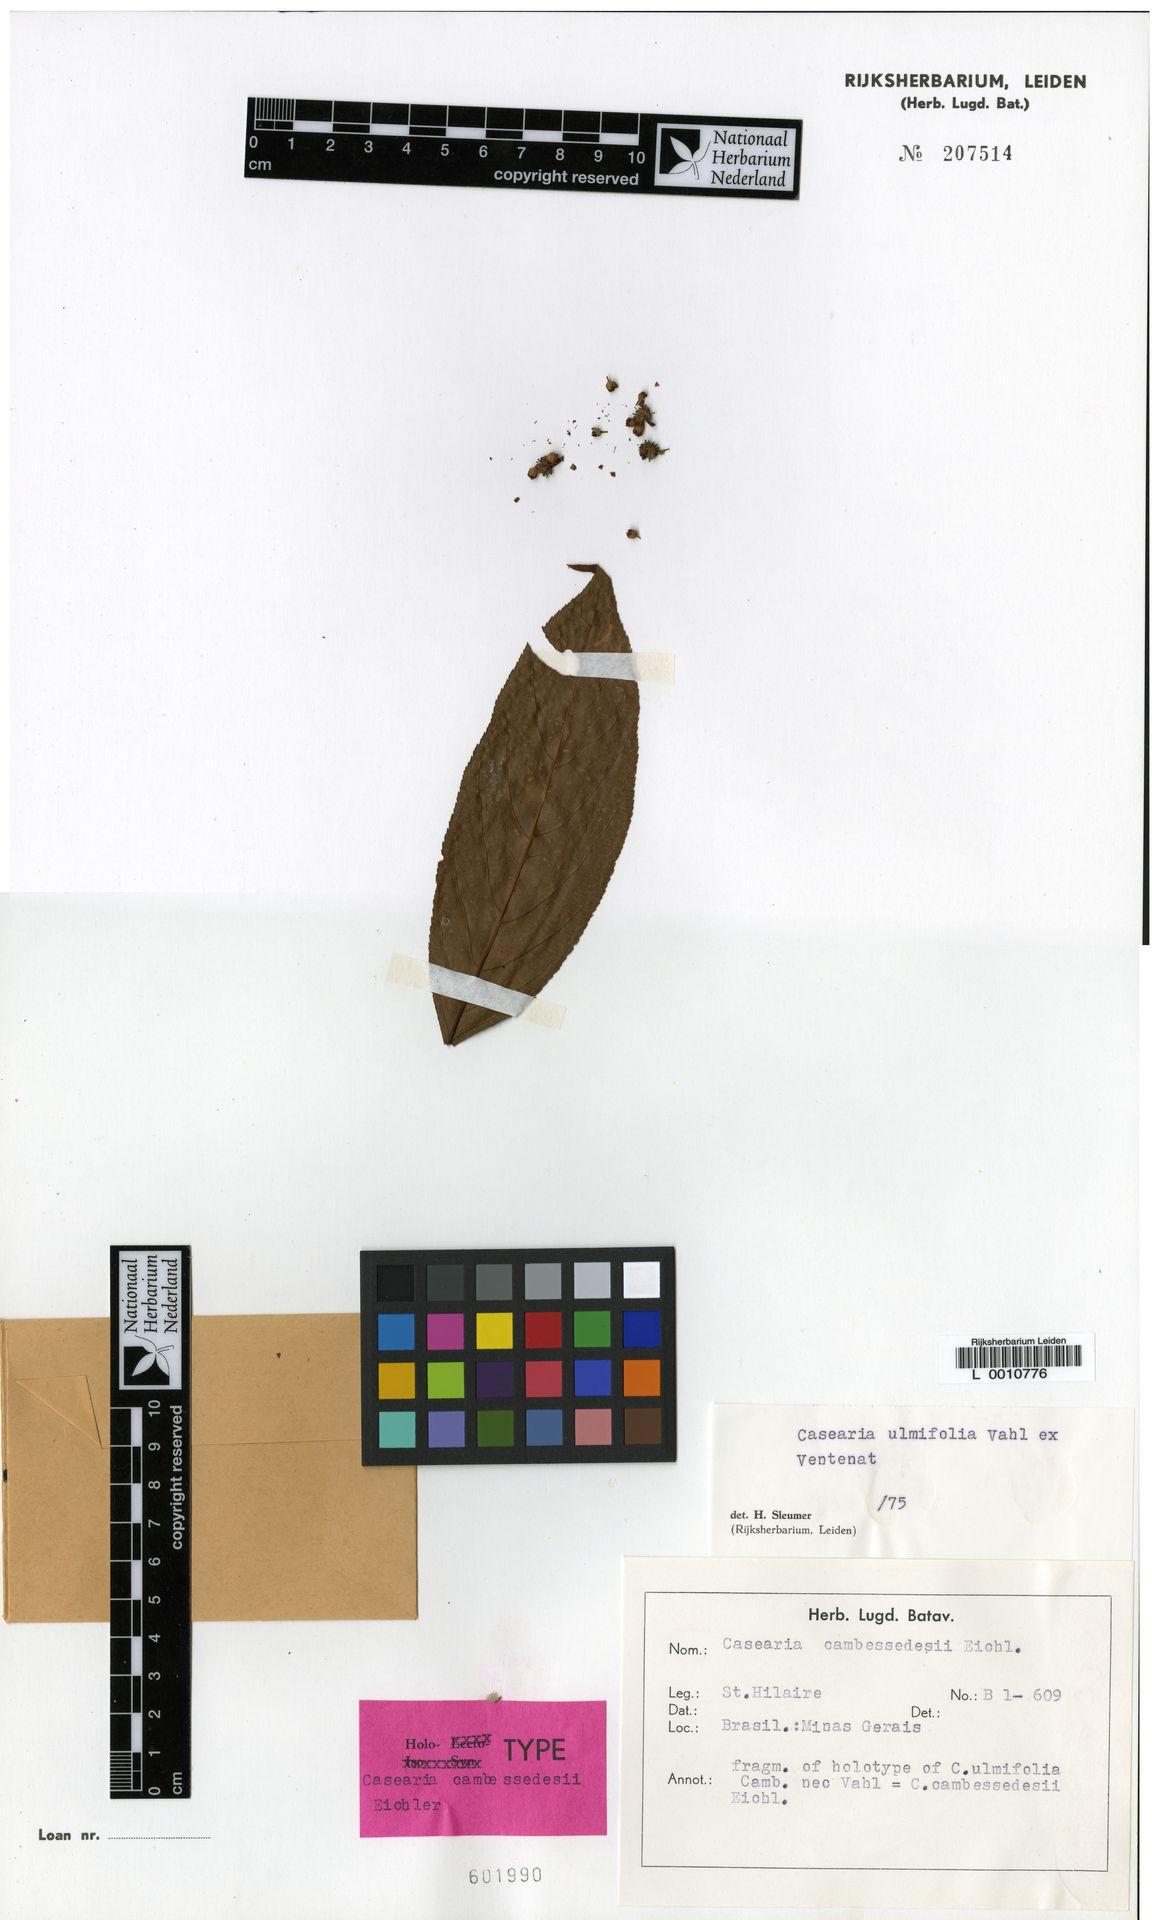 L  0010776 | Casearia ulmifolia Vahl ex Vent.